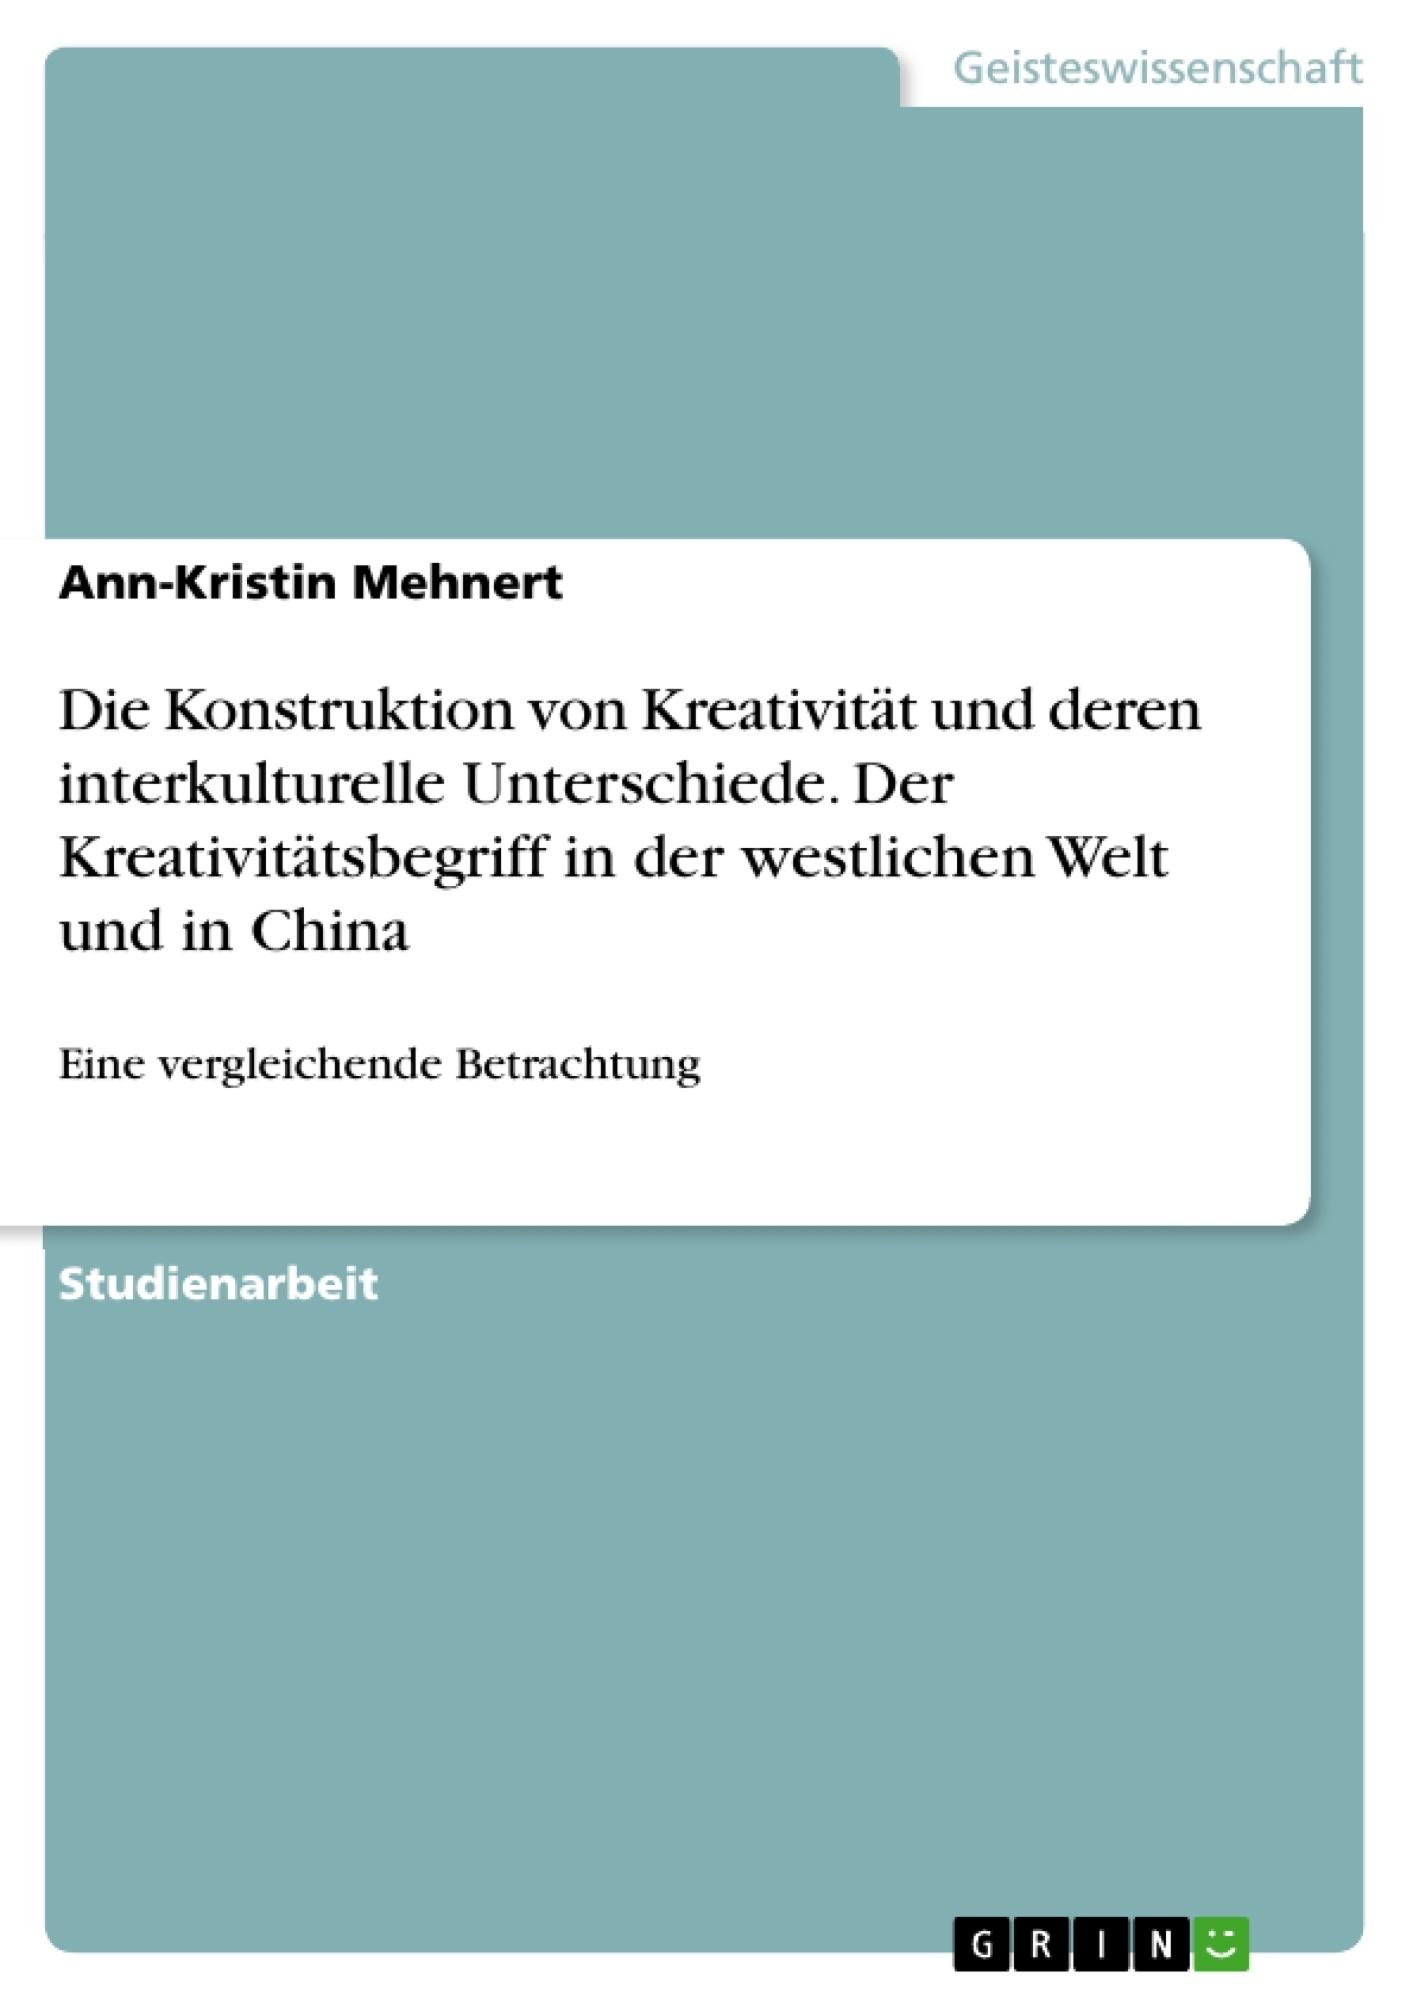 Titel: Die Konstruktion von Kreativität und deren interkulturelle Unterschiede. Der Kreativitätsbegriff in der westlichen Welt und in China